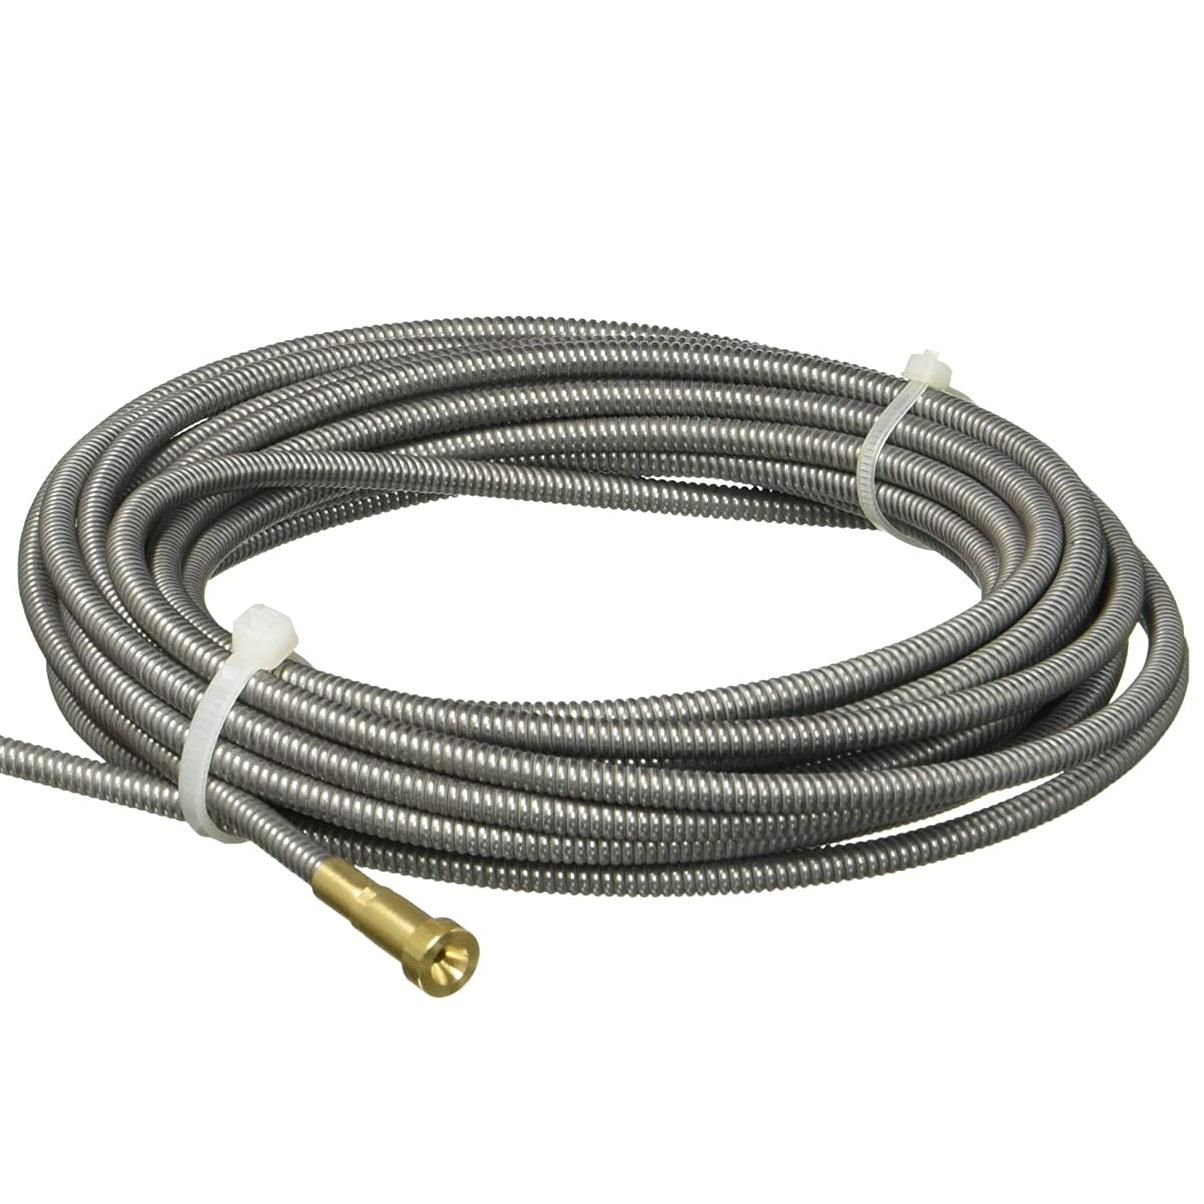 BZ 501 LINER 1.2 - 1.6MM WIRE - 4M